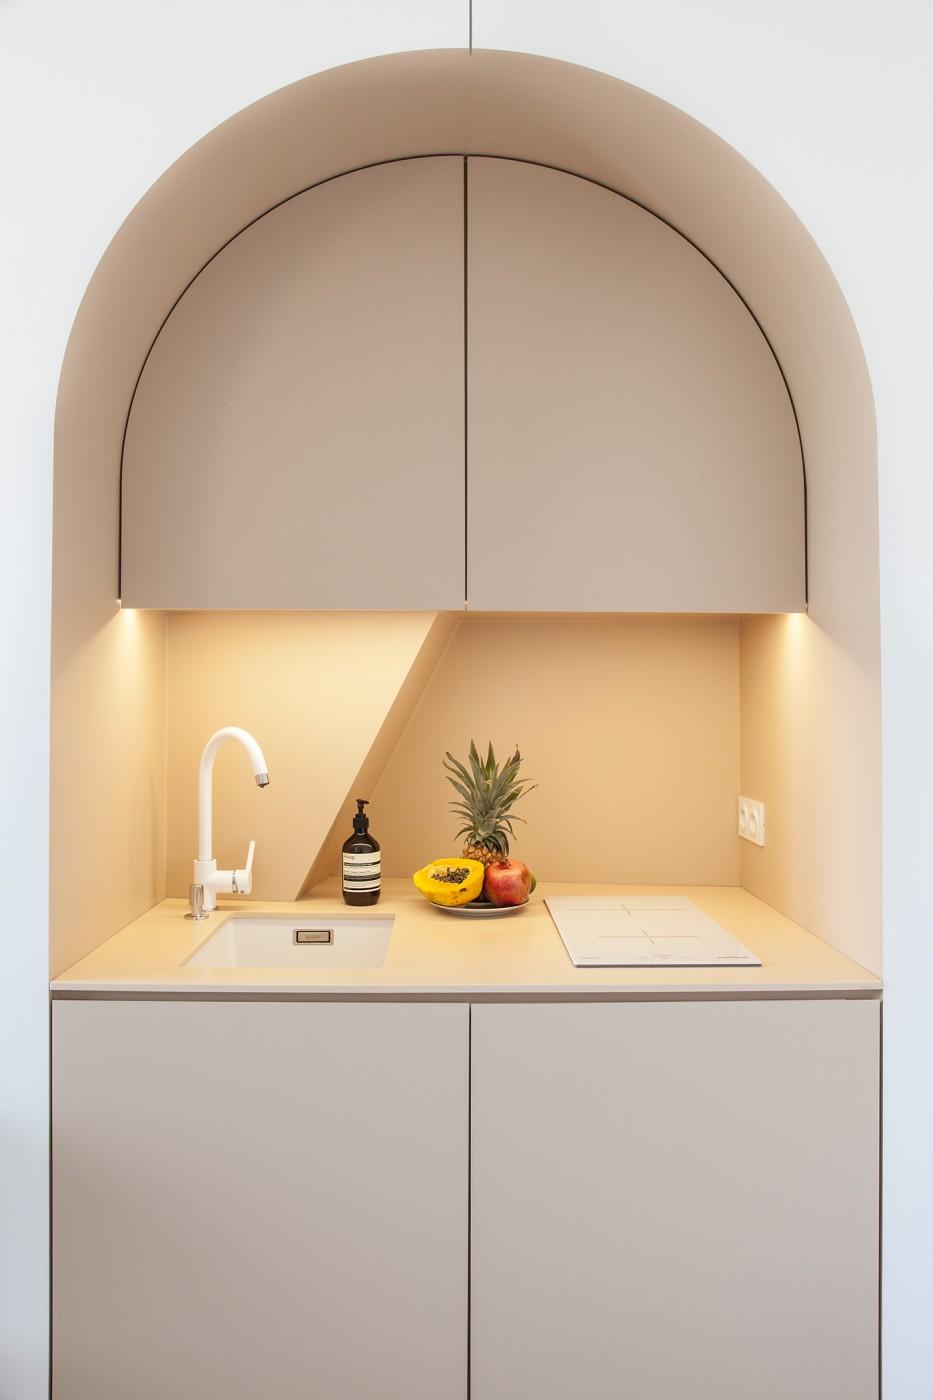 Architecte Interieur Paris Petite Surface k r i s p i n t e r i Ö r : micro living in paris